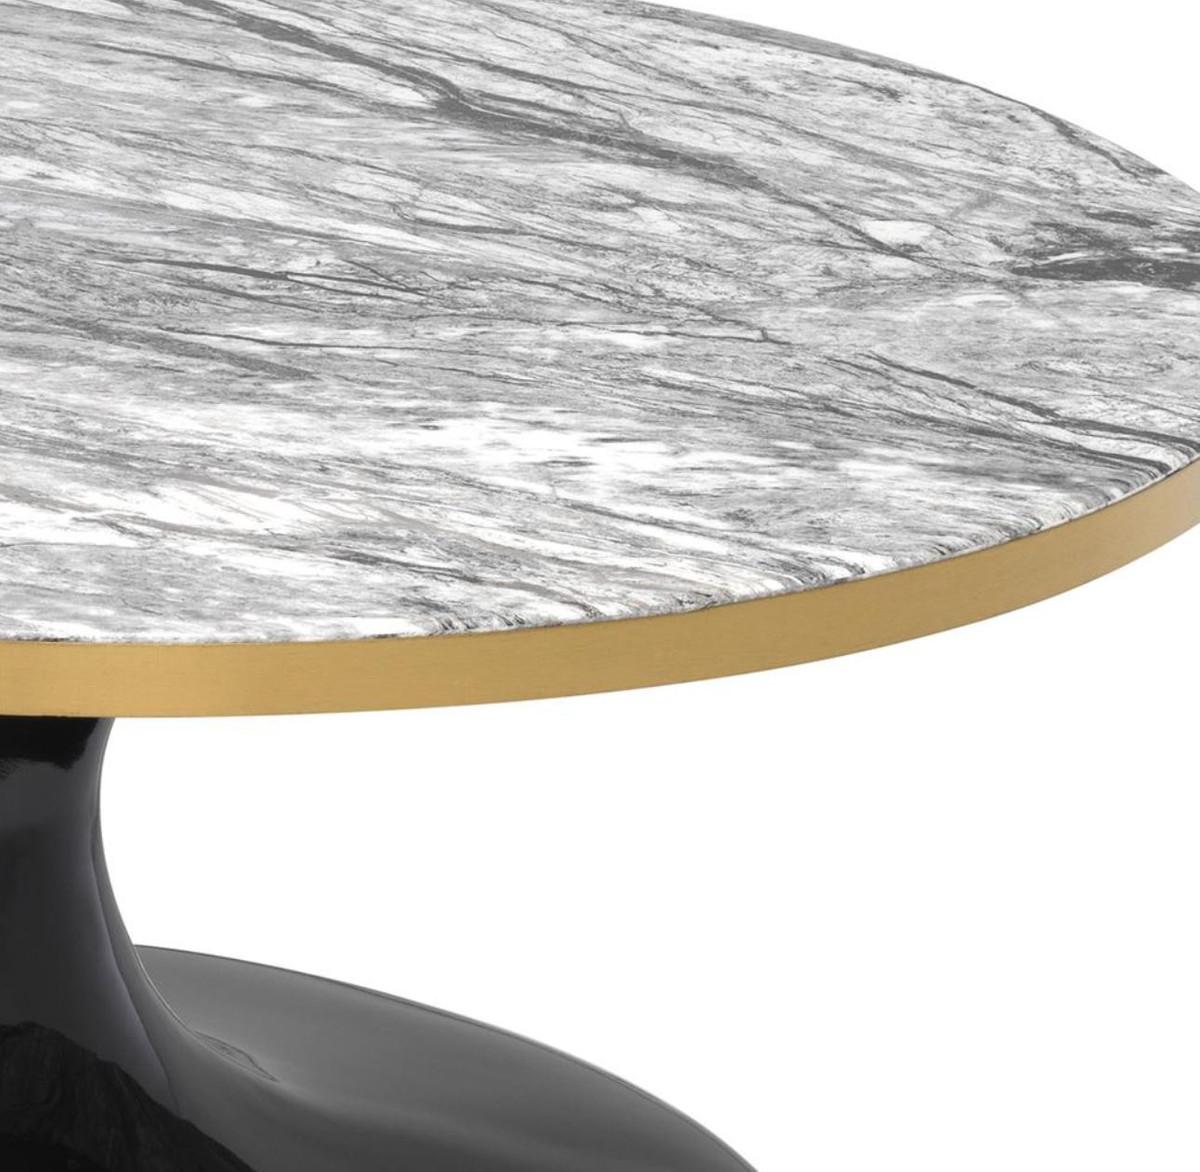 Casa Padrino Luxus Couchtisch Grau Messing Schwarz ø 90 X H 41